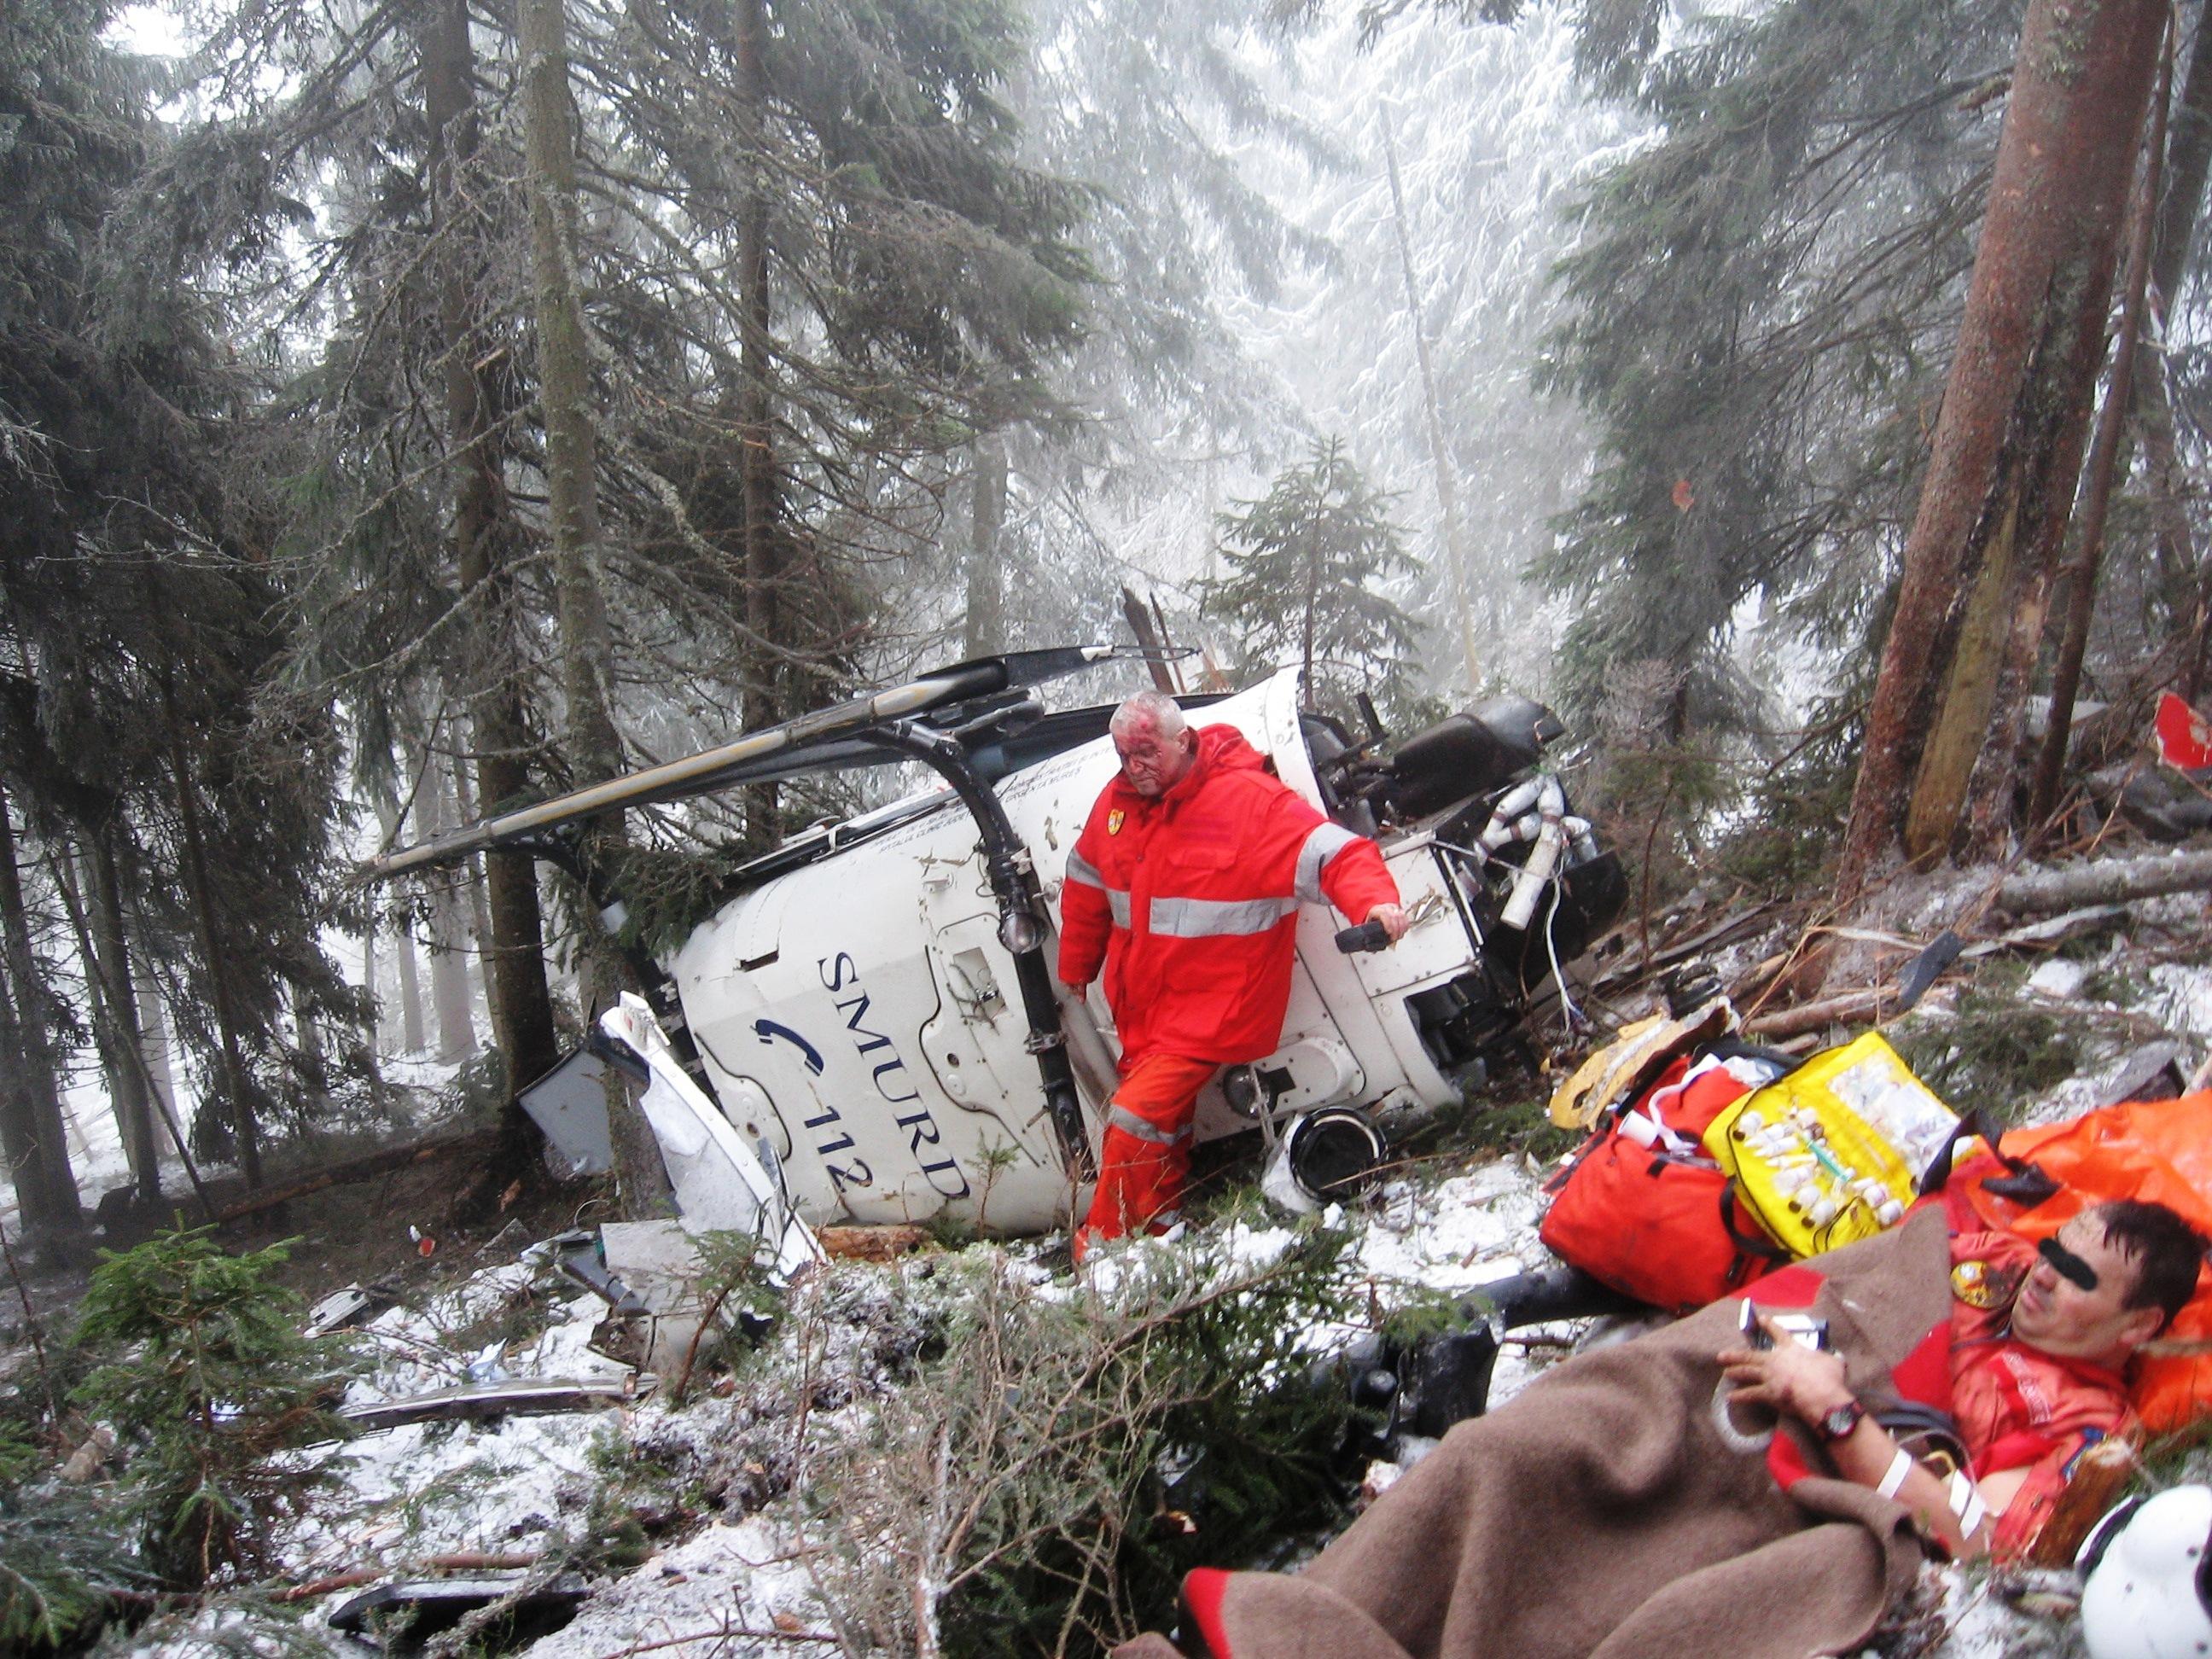 Aeronava s-a prabusit in Pasul Tihuta, iar salvatorii au ajuns ca is in cazul tragediei din Muntii Apuseni dupa cateva ore